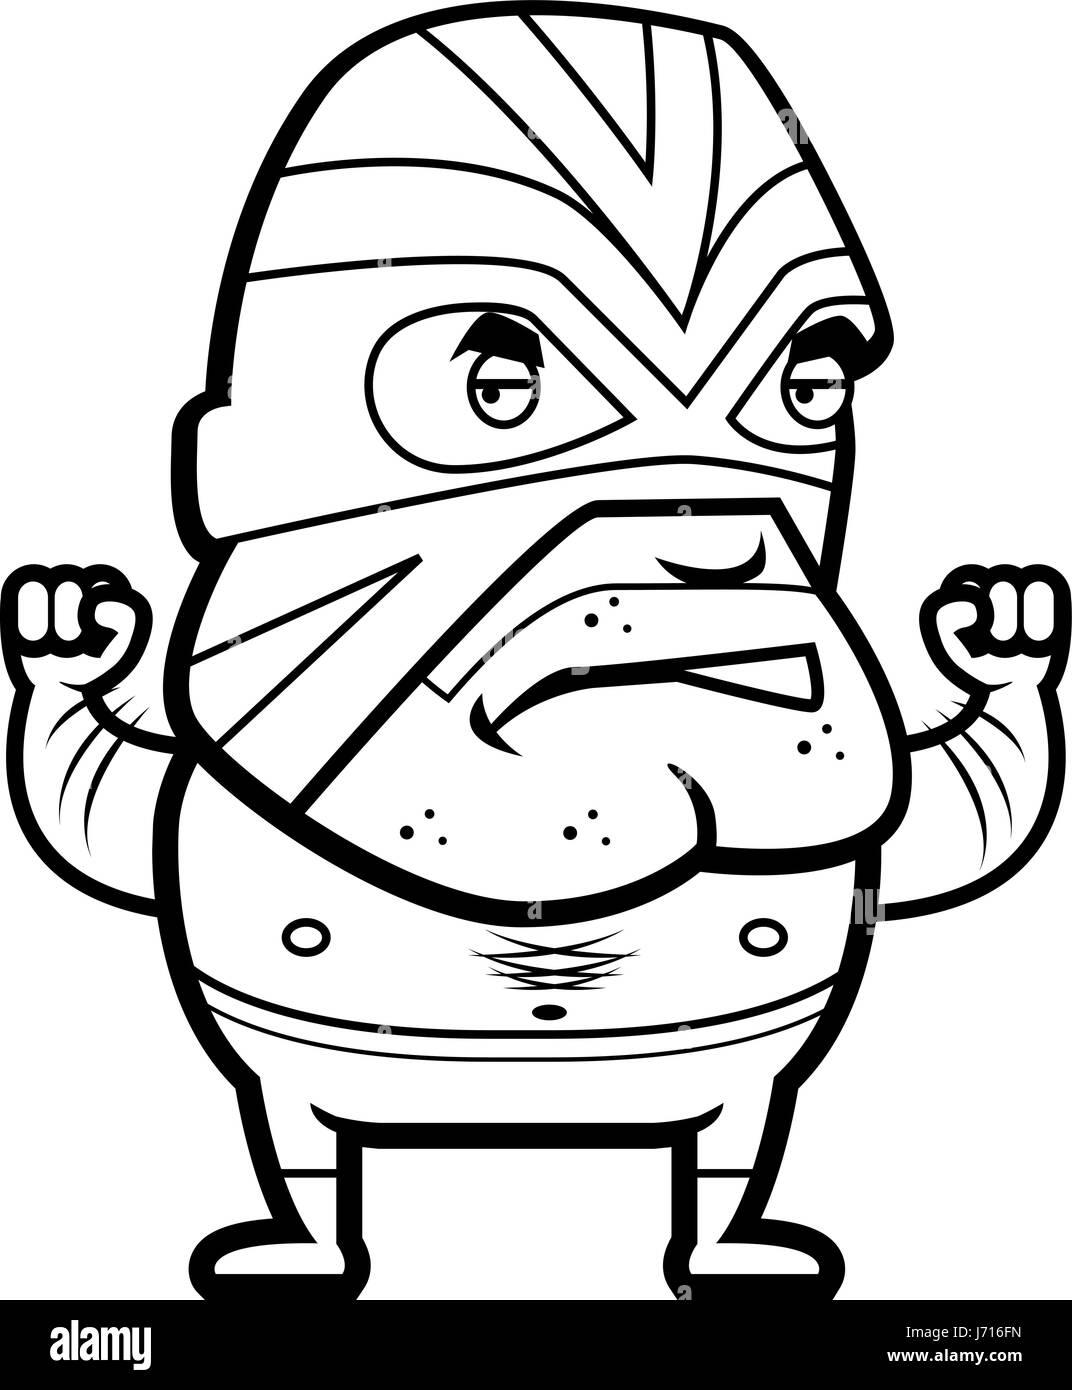 Un Dessin Animé Luchador Mexicain Avec Un Masque Vecteurs Et